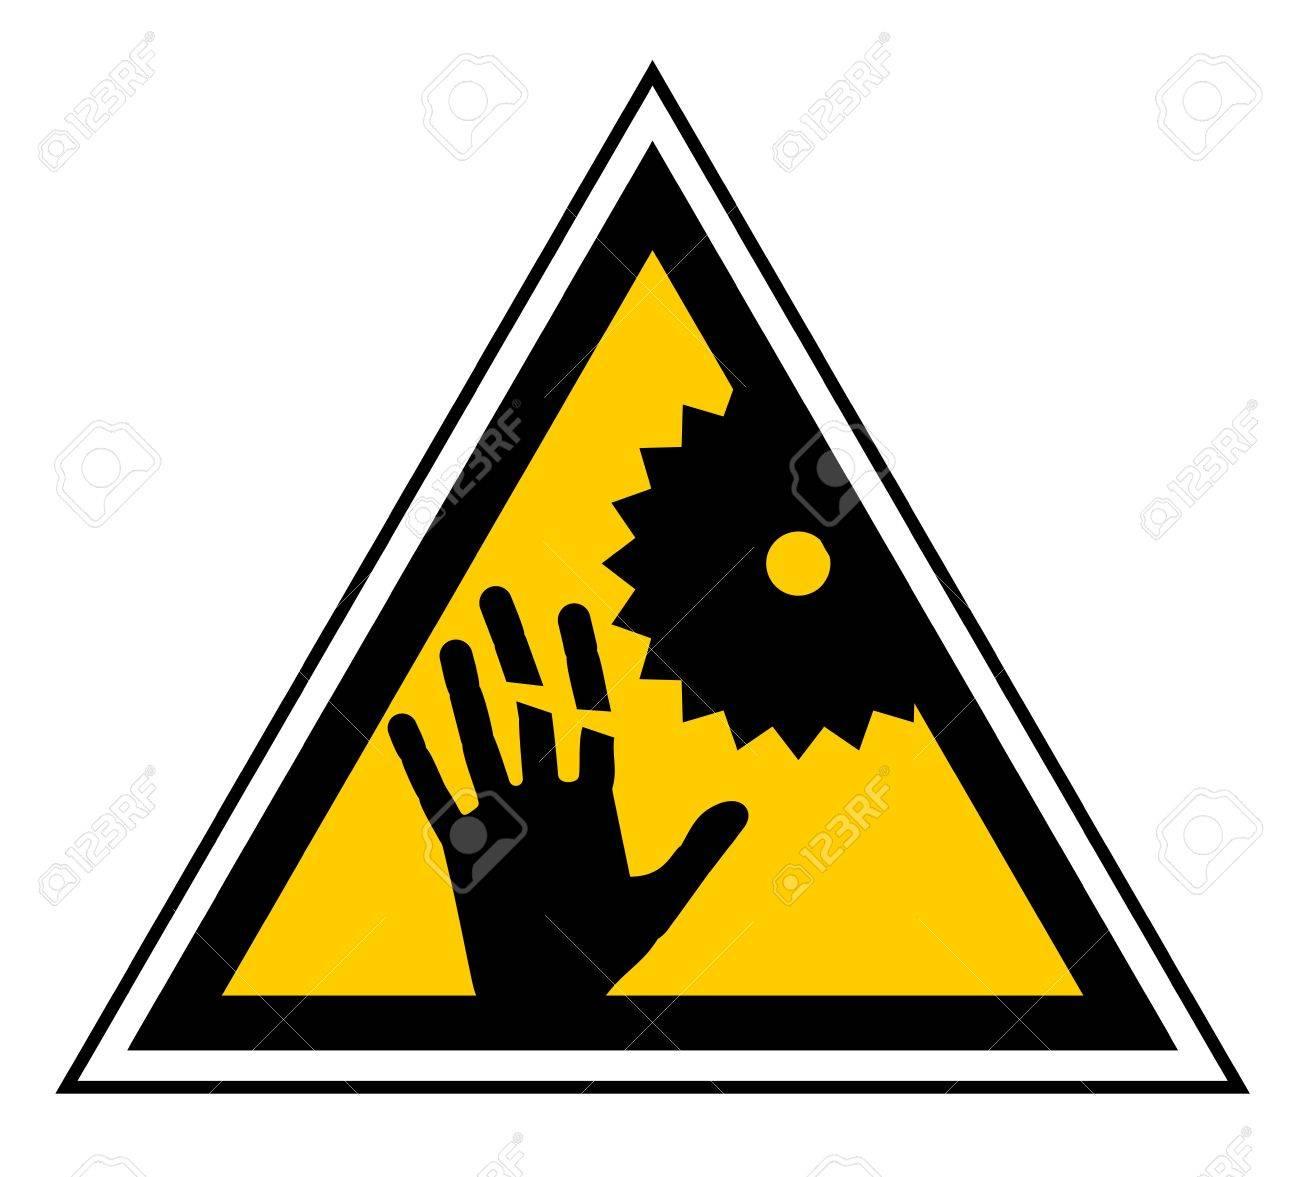 Saw hand danger Stock Vector - 13417788